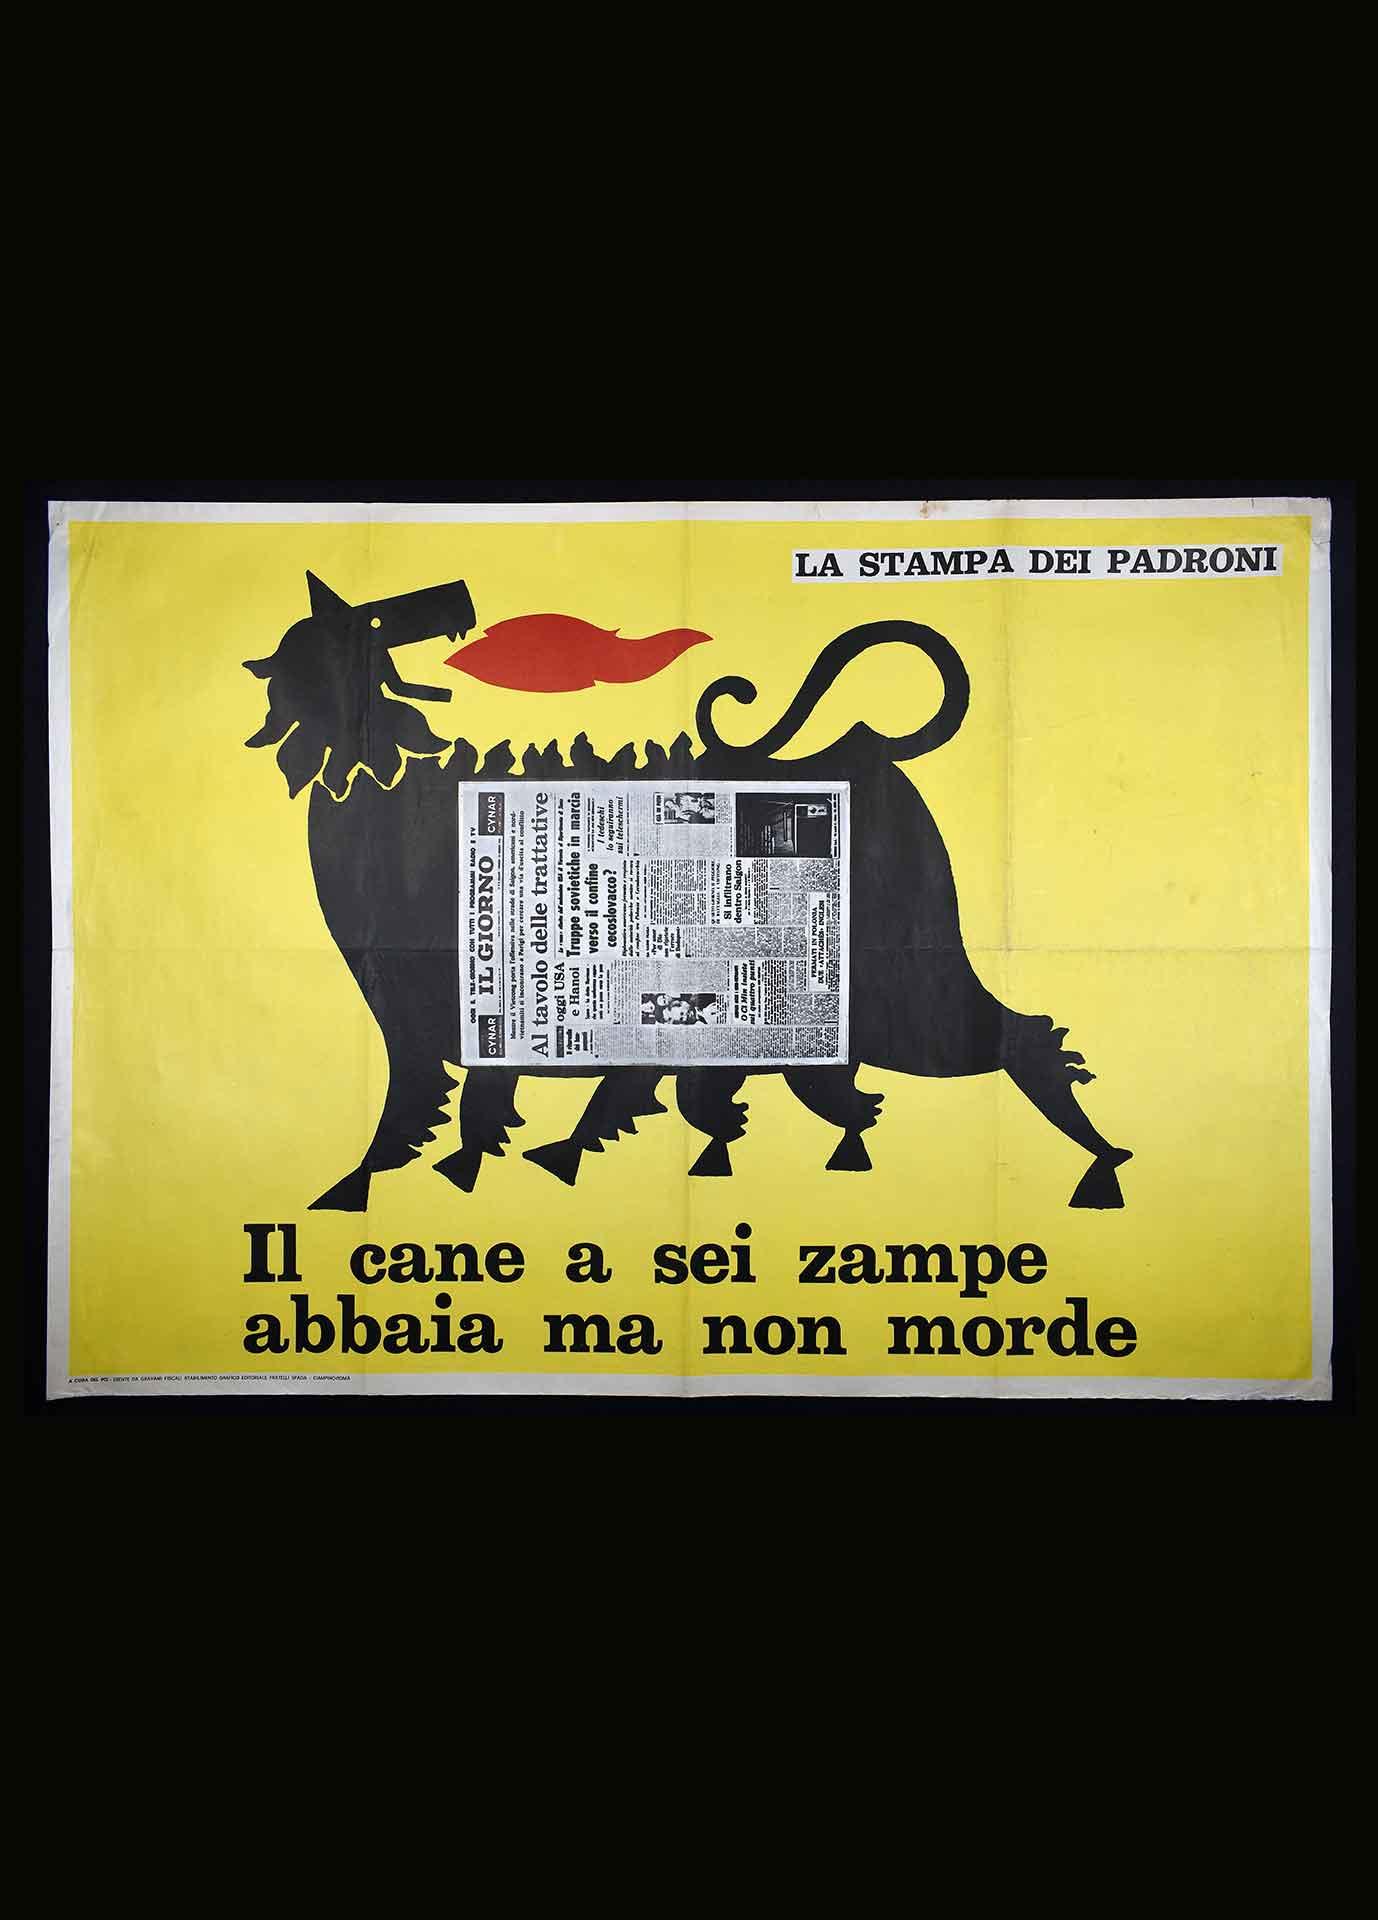 Partito comunista italiano (PCI) per la trattativa sindacale all'Ente nazionale idrocarburi (ENI). Stampa Fratelli Spada stabilimento grafico editoriale, Ciampino (Roma). Comunicazione di partito.